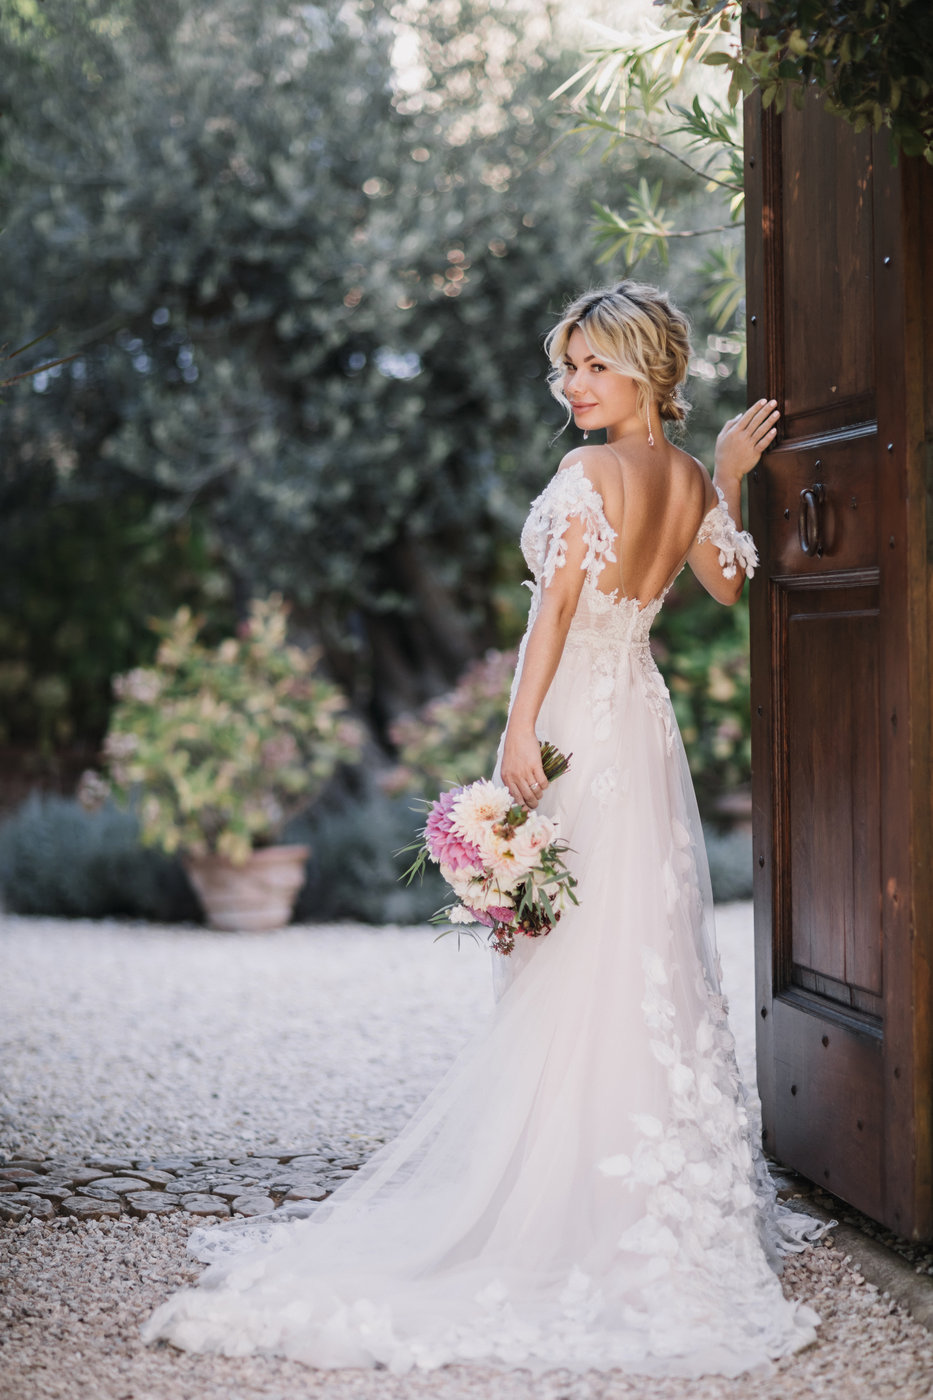 Anastasia Mezhik September 25 2016 Tuscany Italy-BEST-0043.jpg